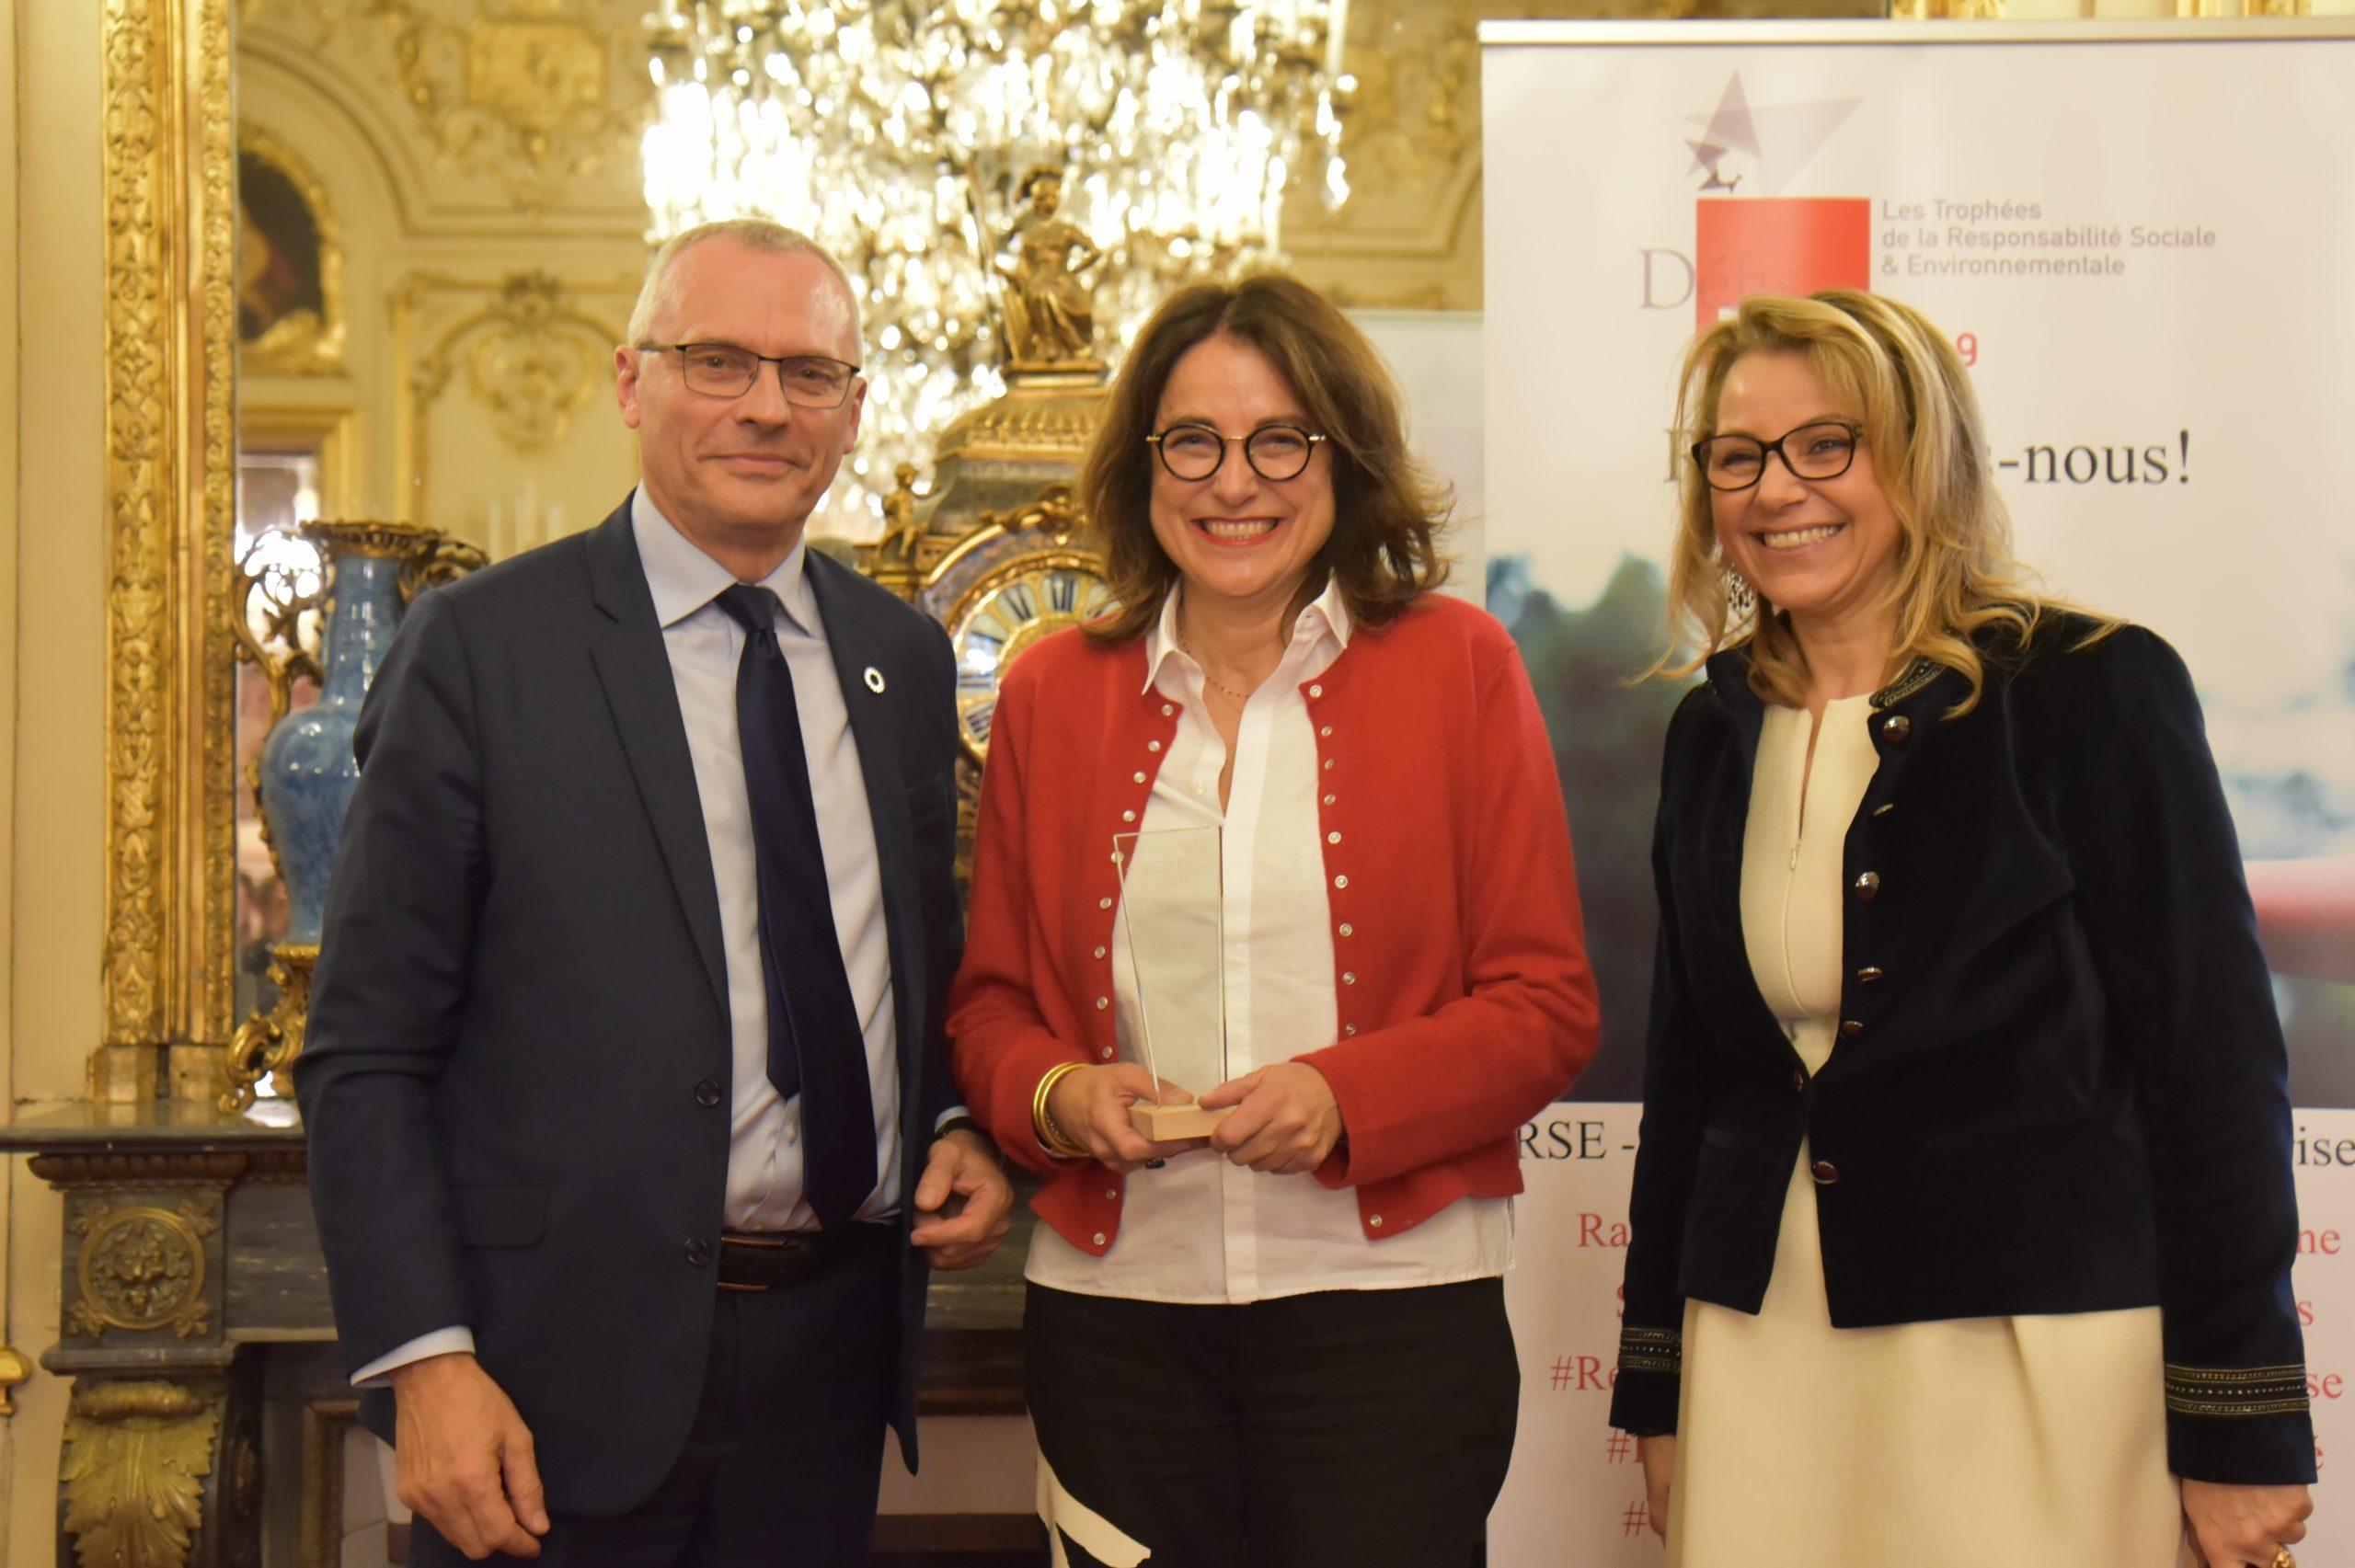 Trophée Défis RSE 2019 pour la catégorie Start-up : Philippe Kunter, BpiFrance – Lauréat : ISAHIT,  Isabelle Mashola